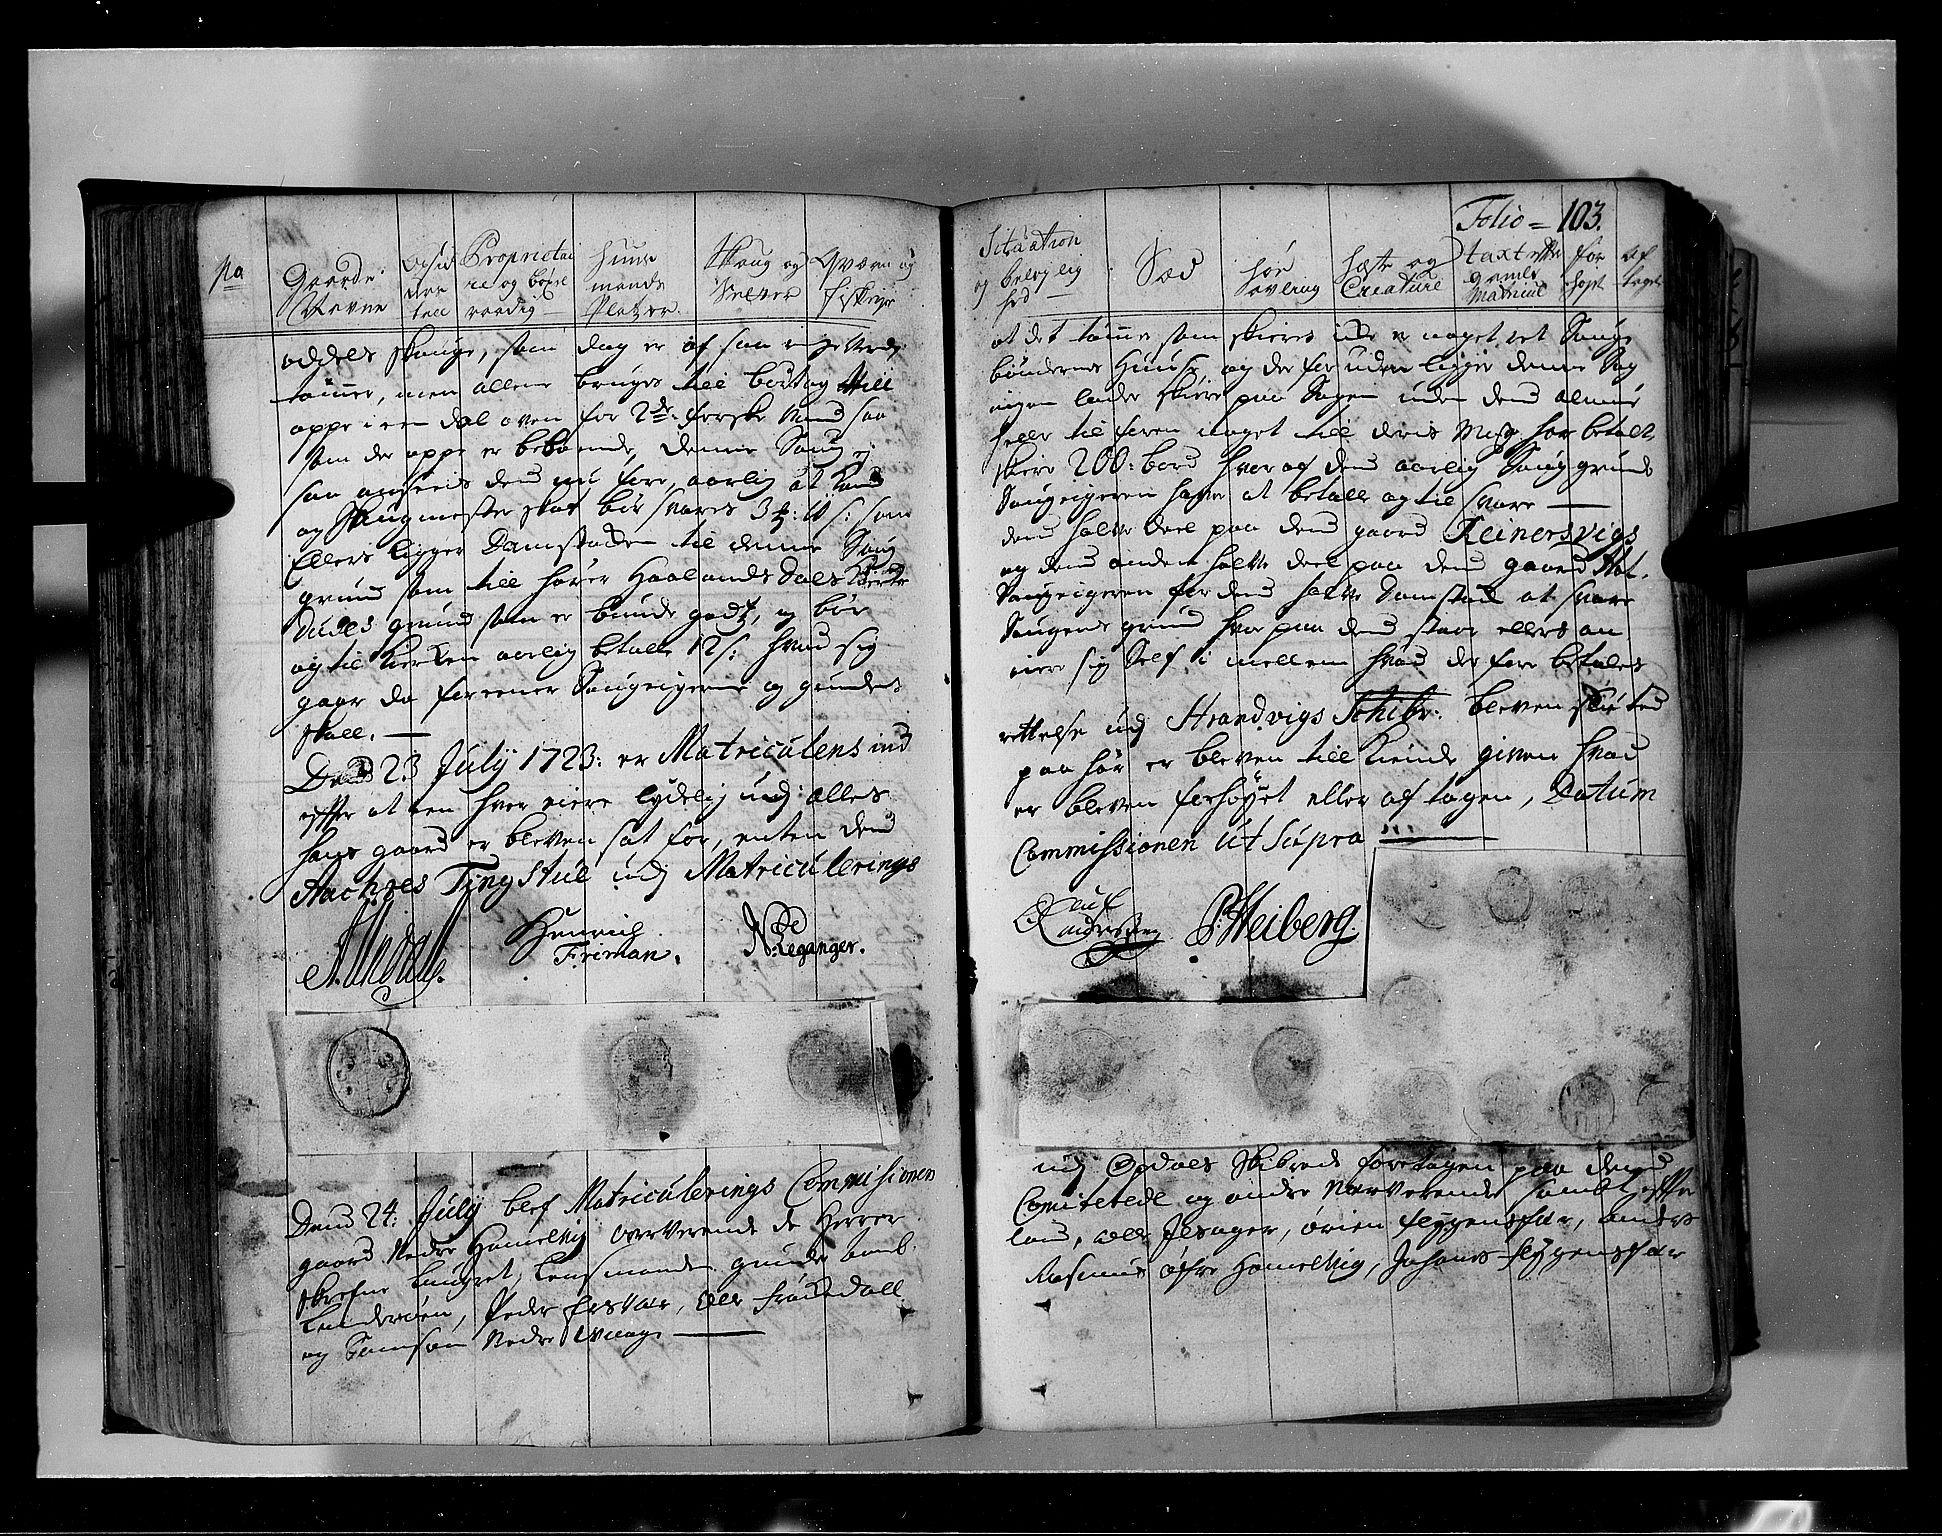 RA, Rentekammeret inntil 1814, Realistisk ordnet avdeling, N/Nb/Nbf/L0134: Sunnhordland eksaminasjonsprotokoll, 1723, s. 102b-103a